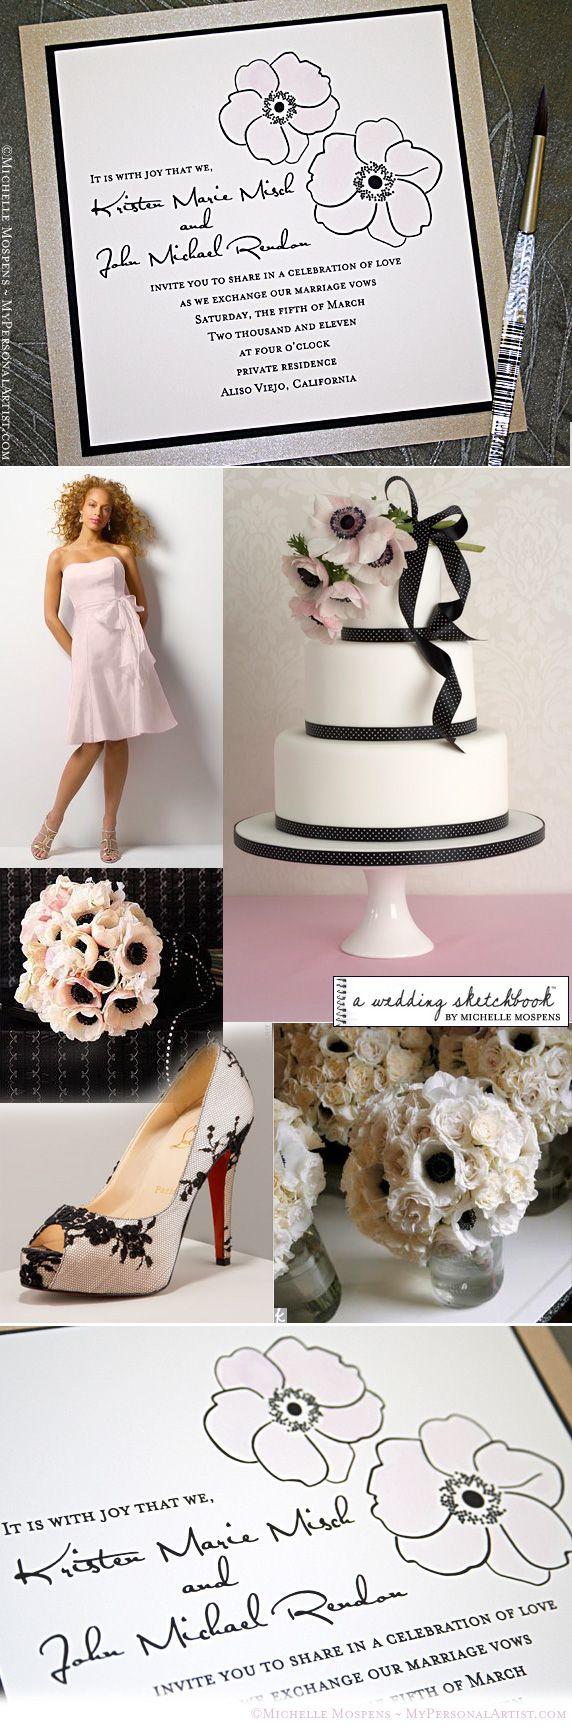 Las pinceladas de color negro siempre causan furor en la decoración de boda